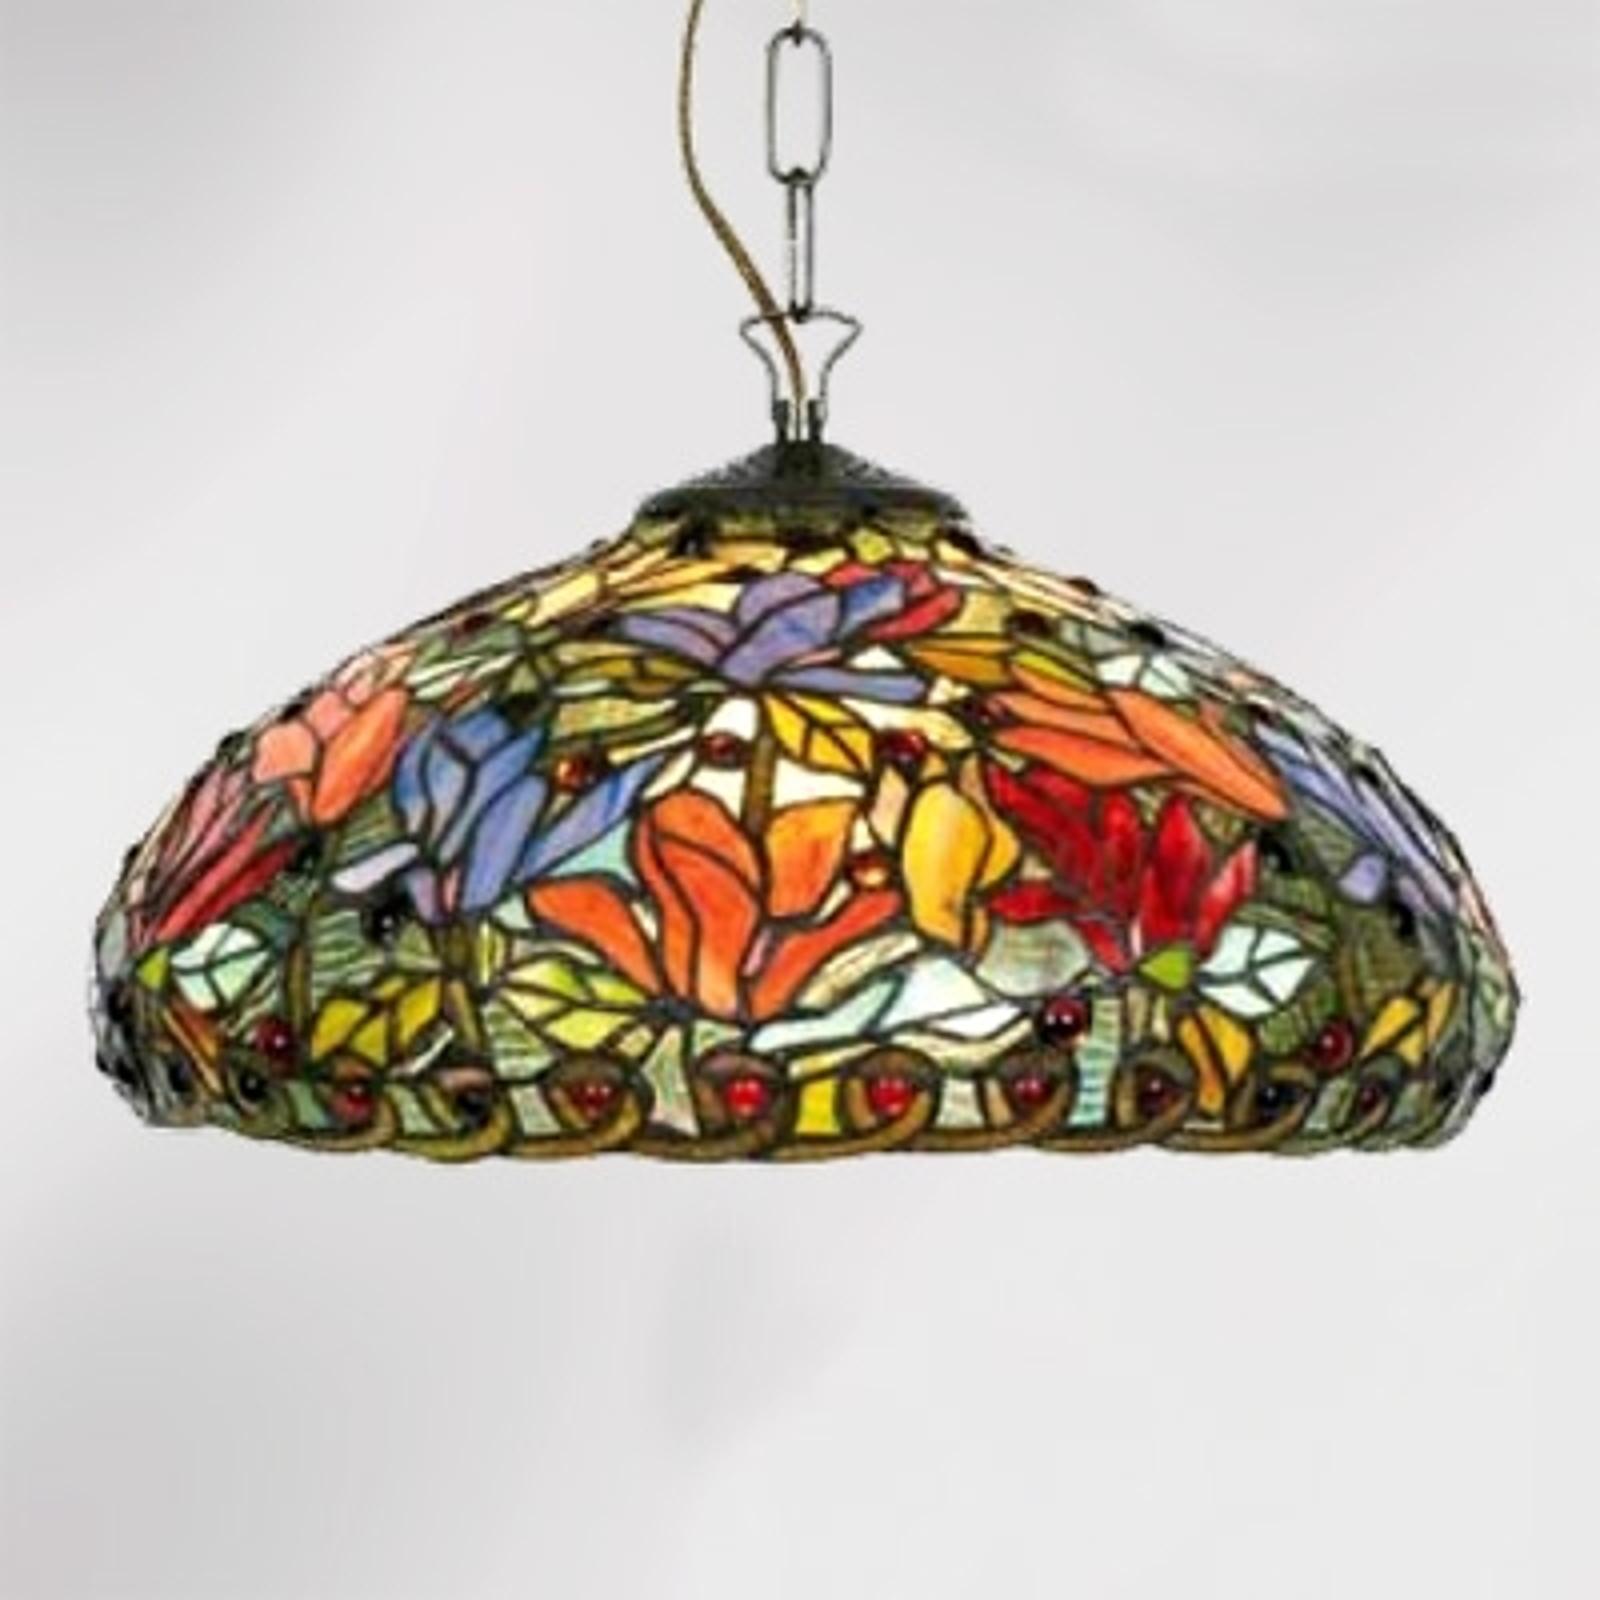 Elaine Tiffany-pendellampe med blomster og ett lys